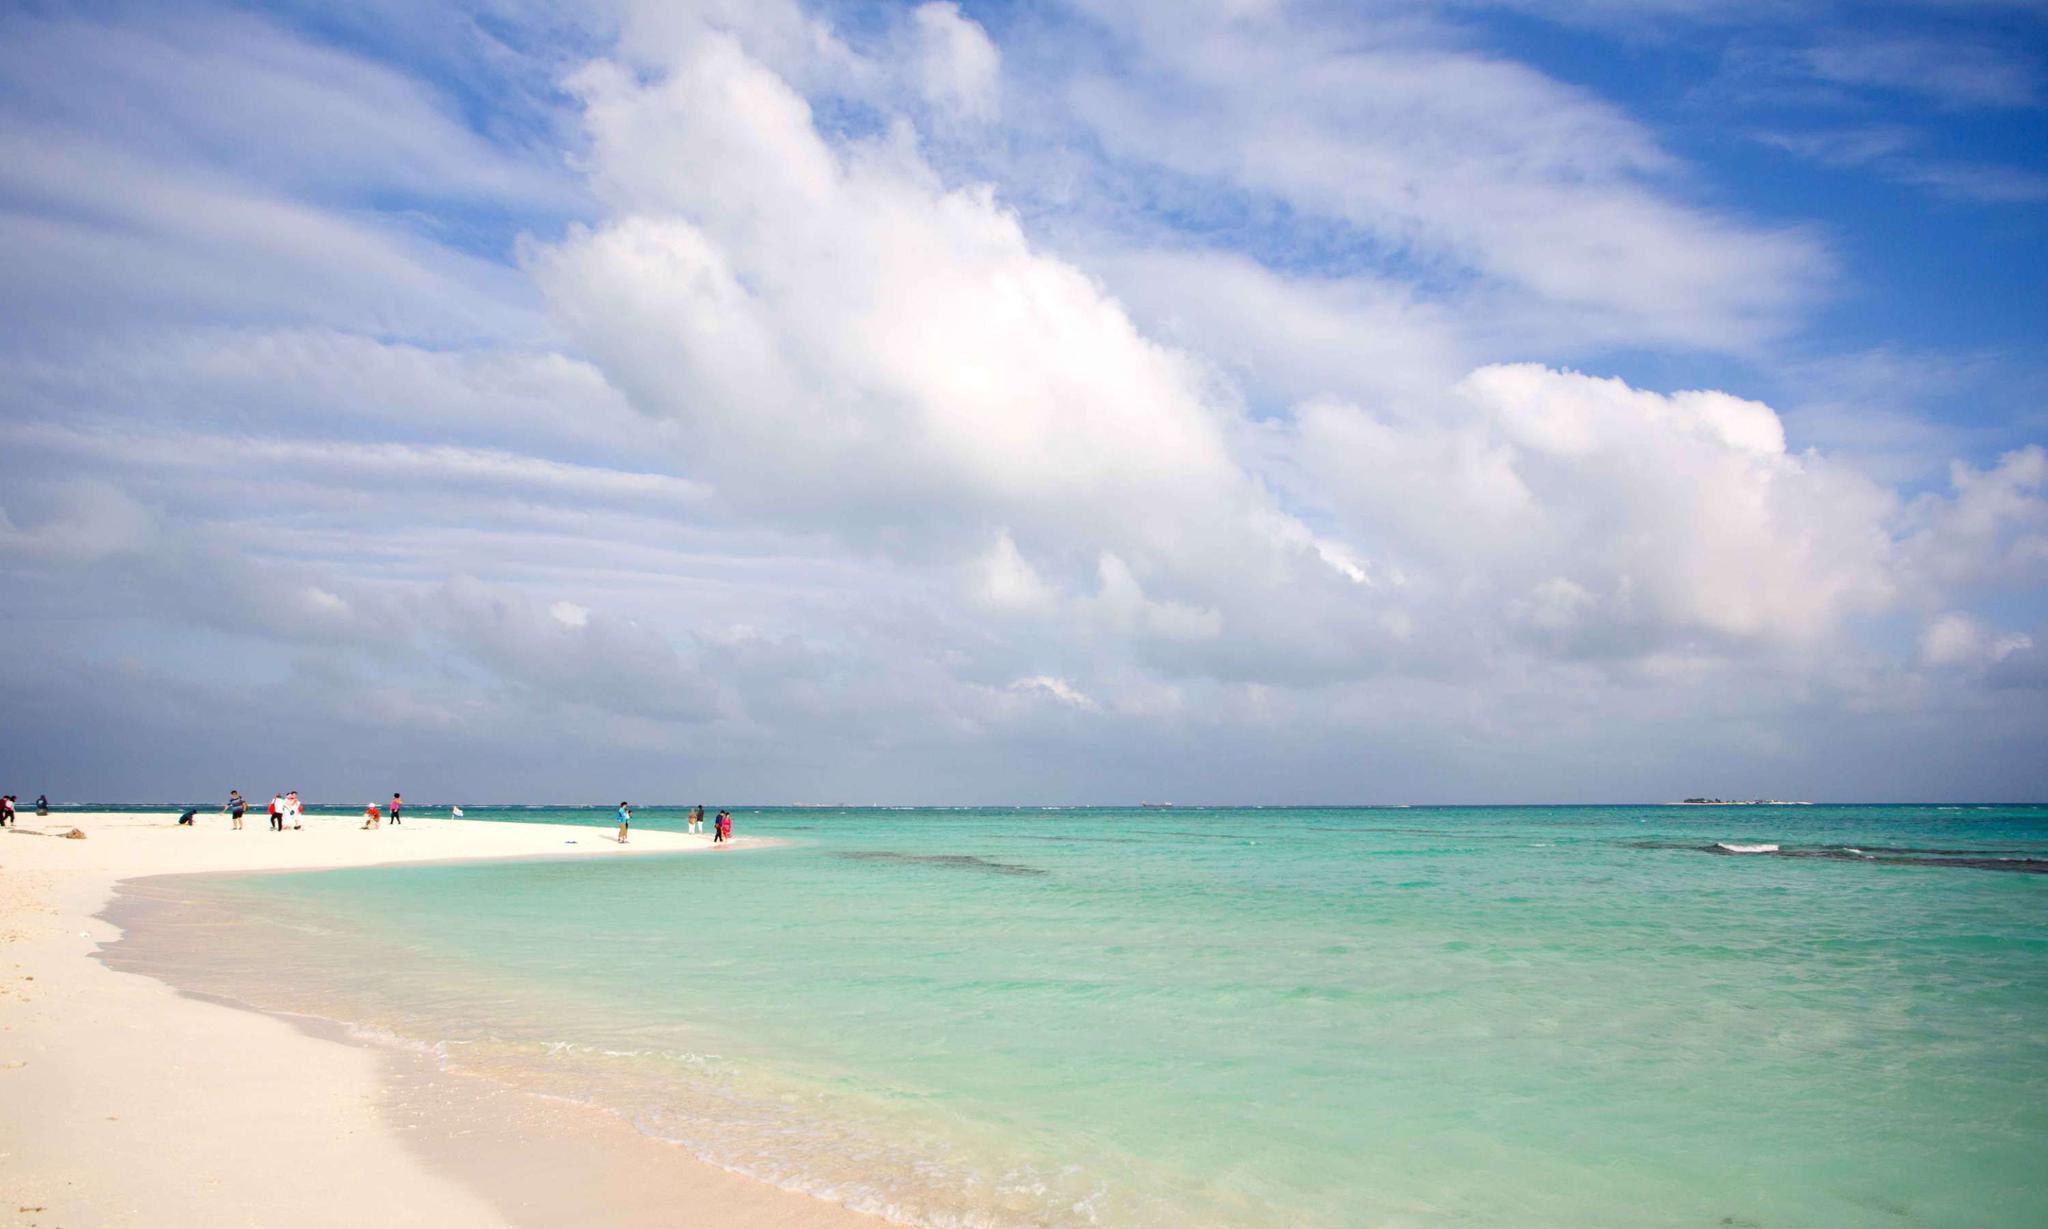 美丽的西沙群岛,阳光海浪沙滩白云,一个令人向往的地方